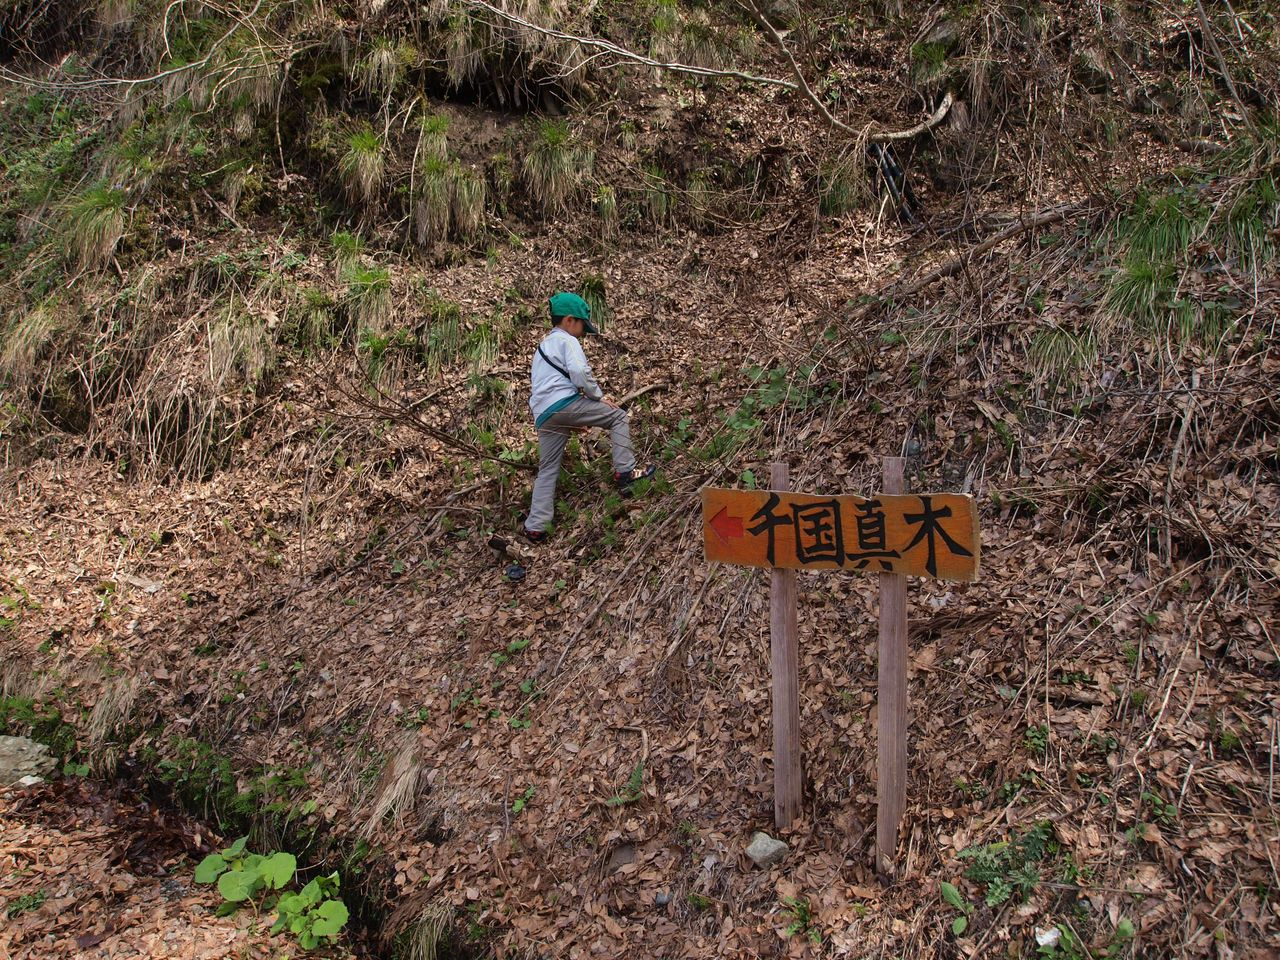 祭りに出かけた小1女児が行方不明 道路にサンダルが残される 長野・小谷村 [無断転載禁止]©2ch.net [545512288]->画像>54枚